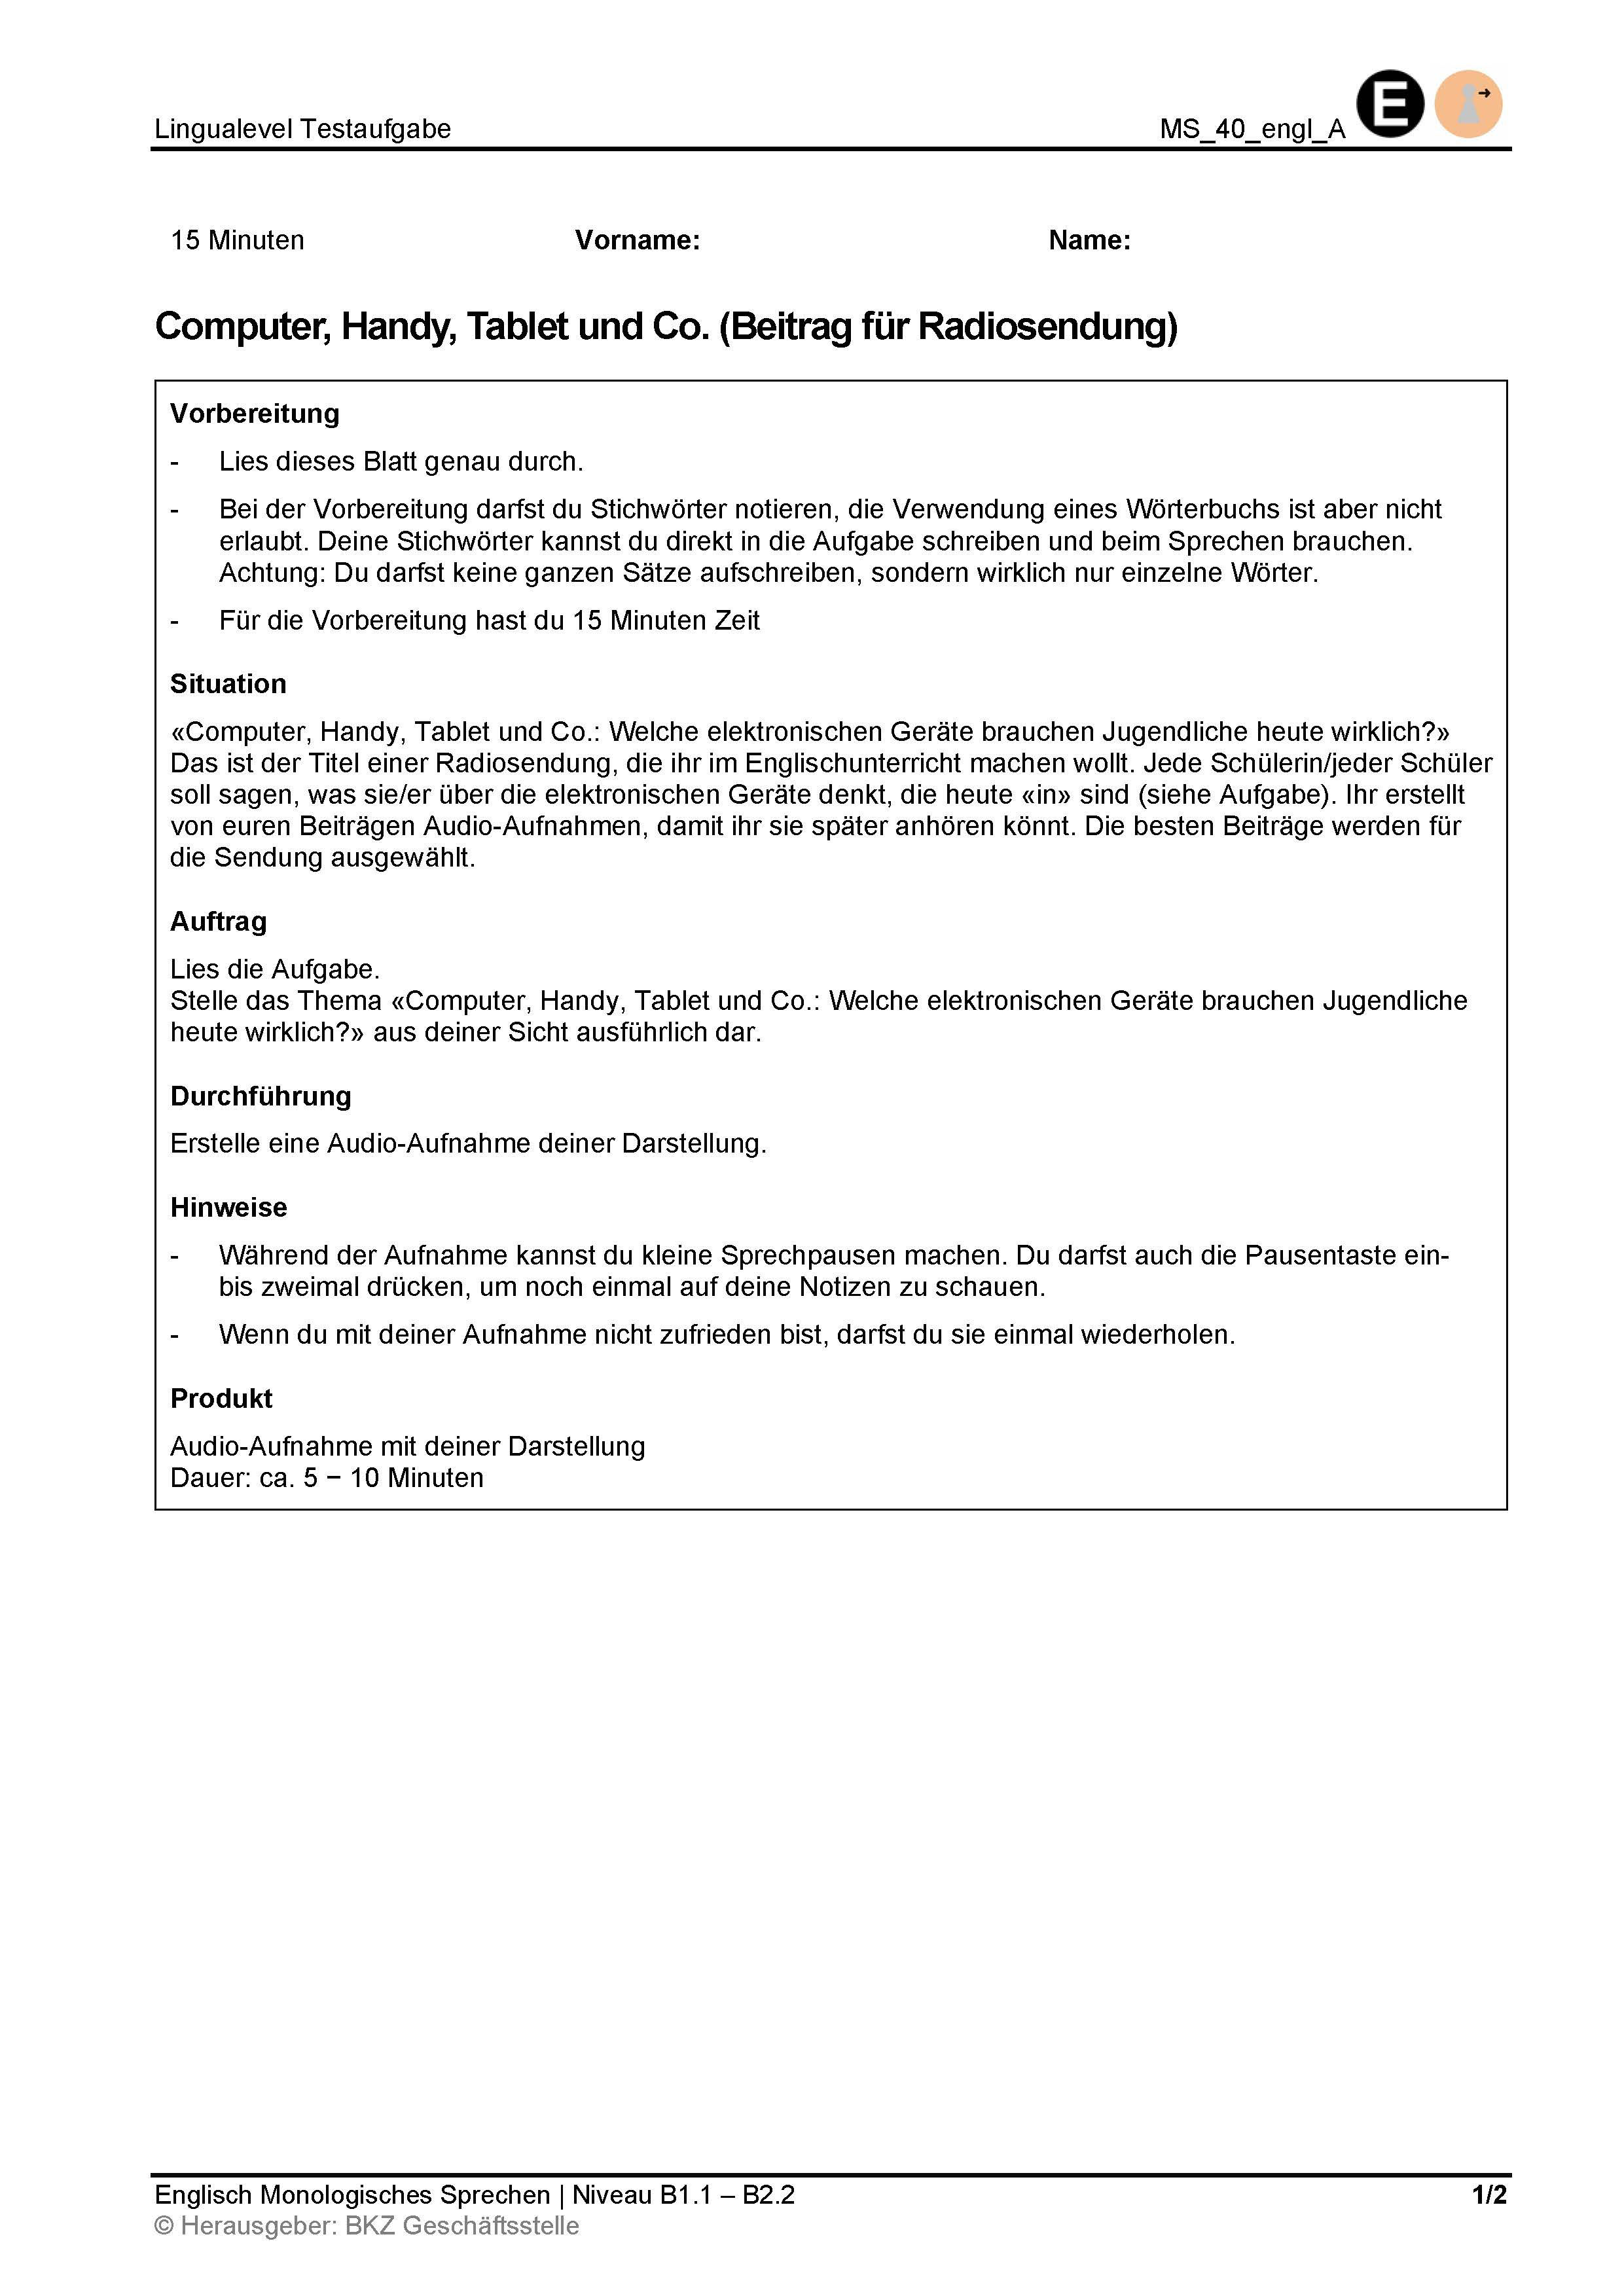 Preview image for LOM object Monologisches Sprechen: Computer, Handy, Tablet und Co. (Beitrag für Radiosendung)